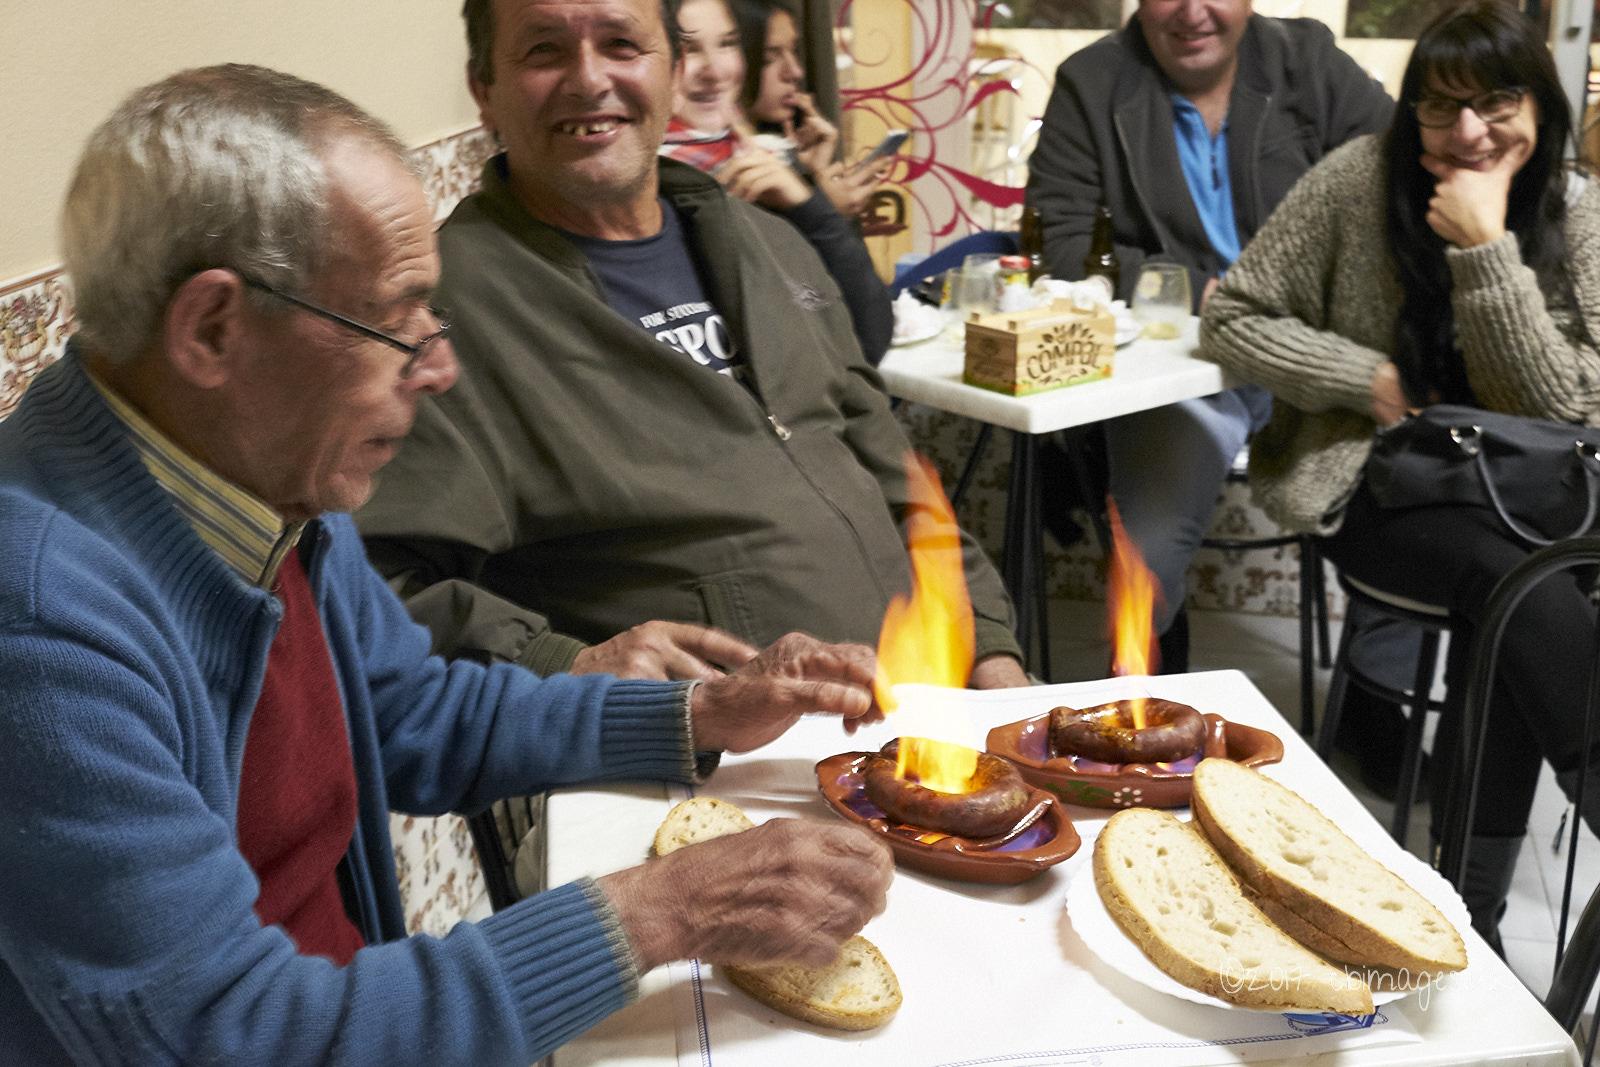 2 men eat watch flaming chorizo, people watch in café.